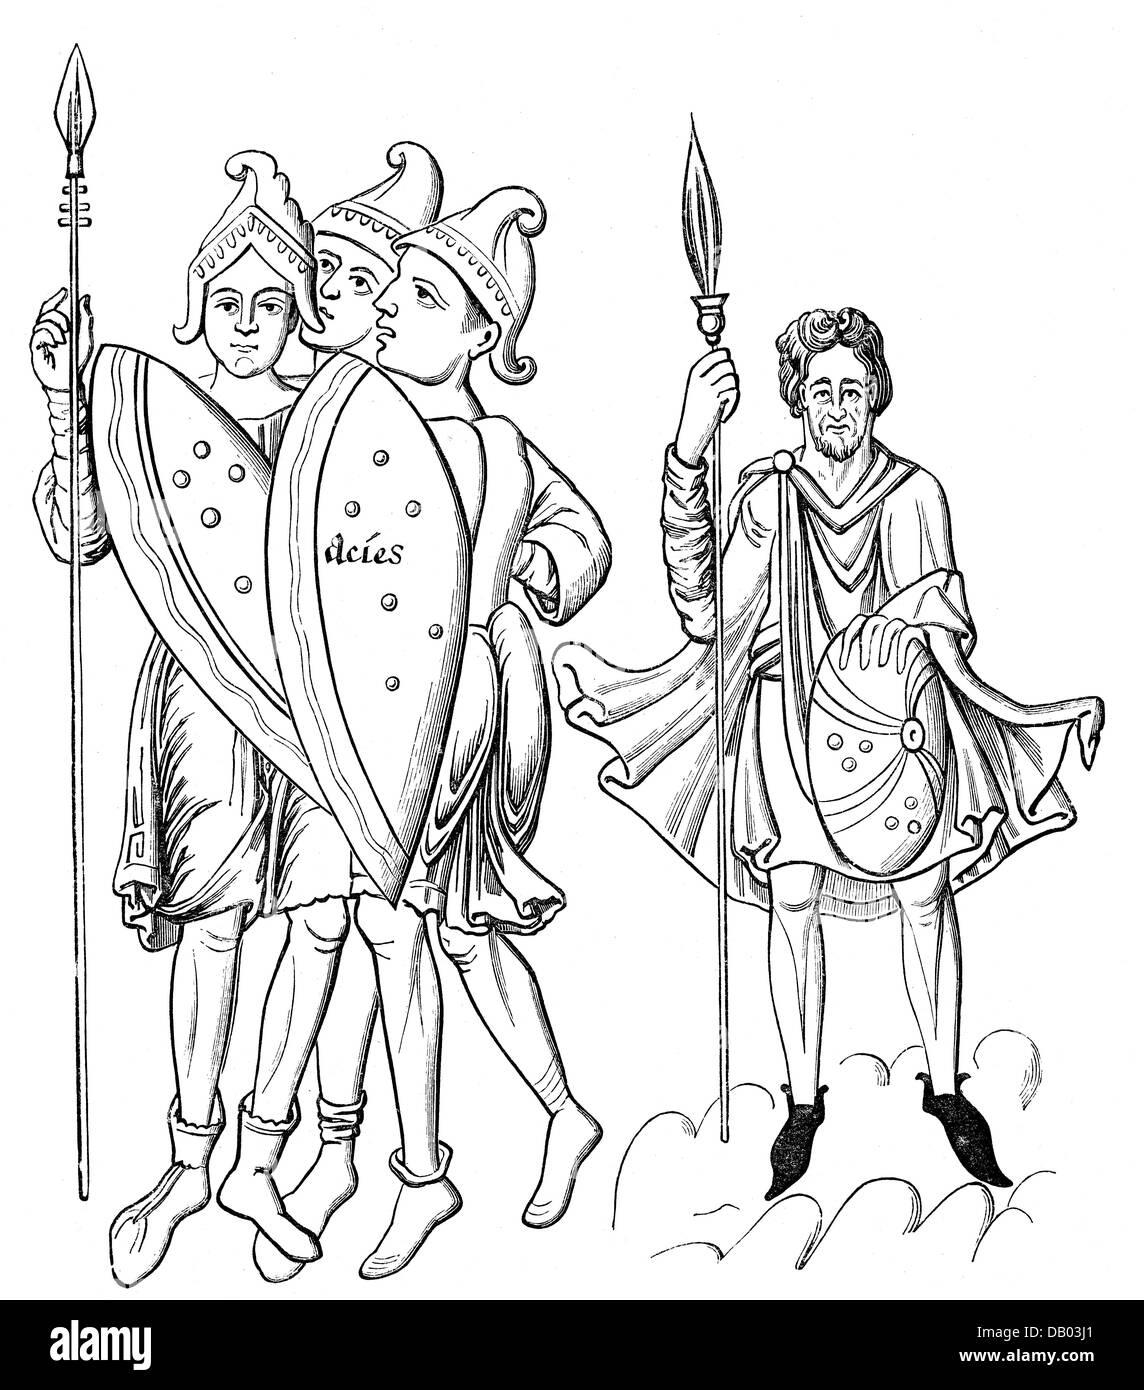 Byzance, militaires, soldats Byzantins (à gauche) et guerrier germanique (à droite), gravure sur bois, Photo Stock